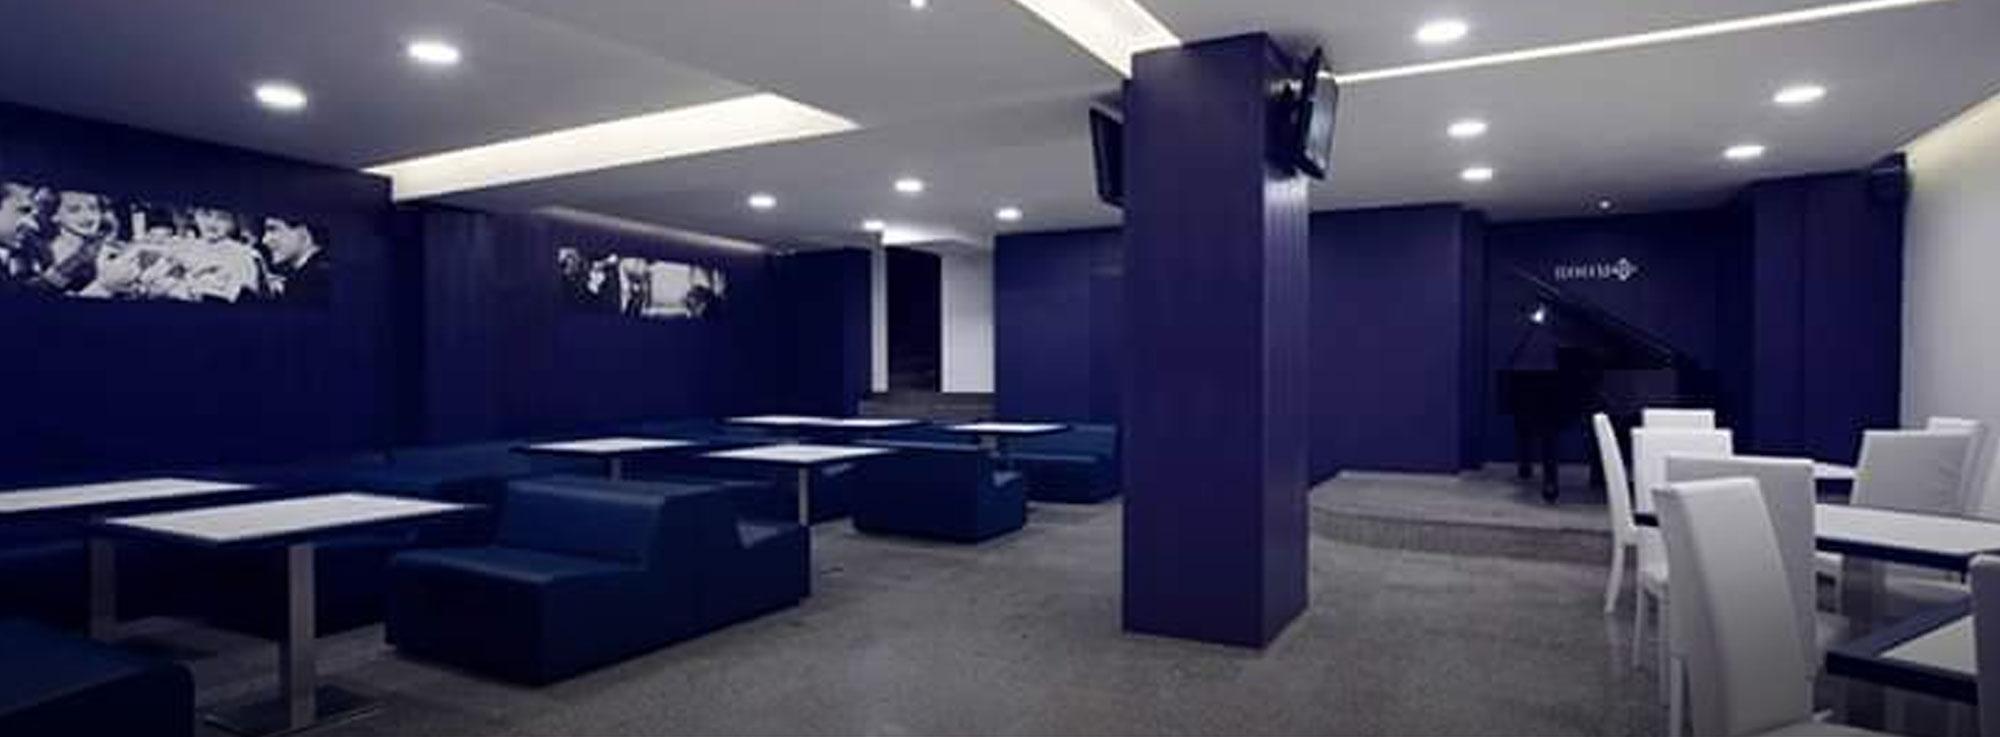 Room28 Barletta